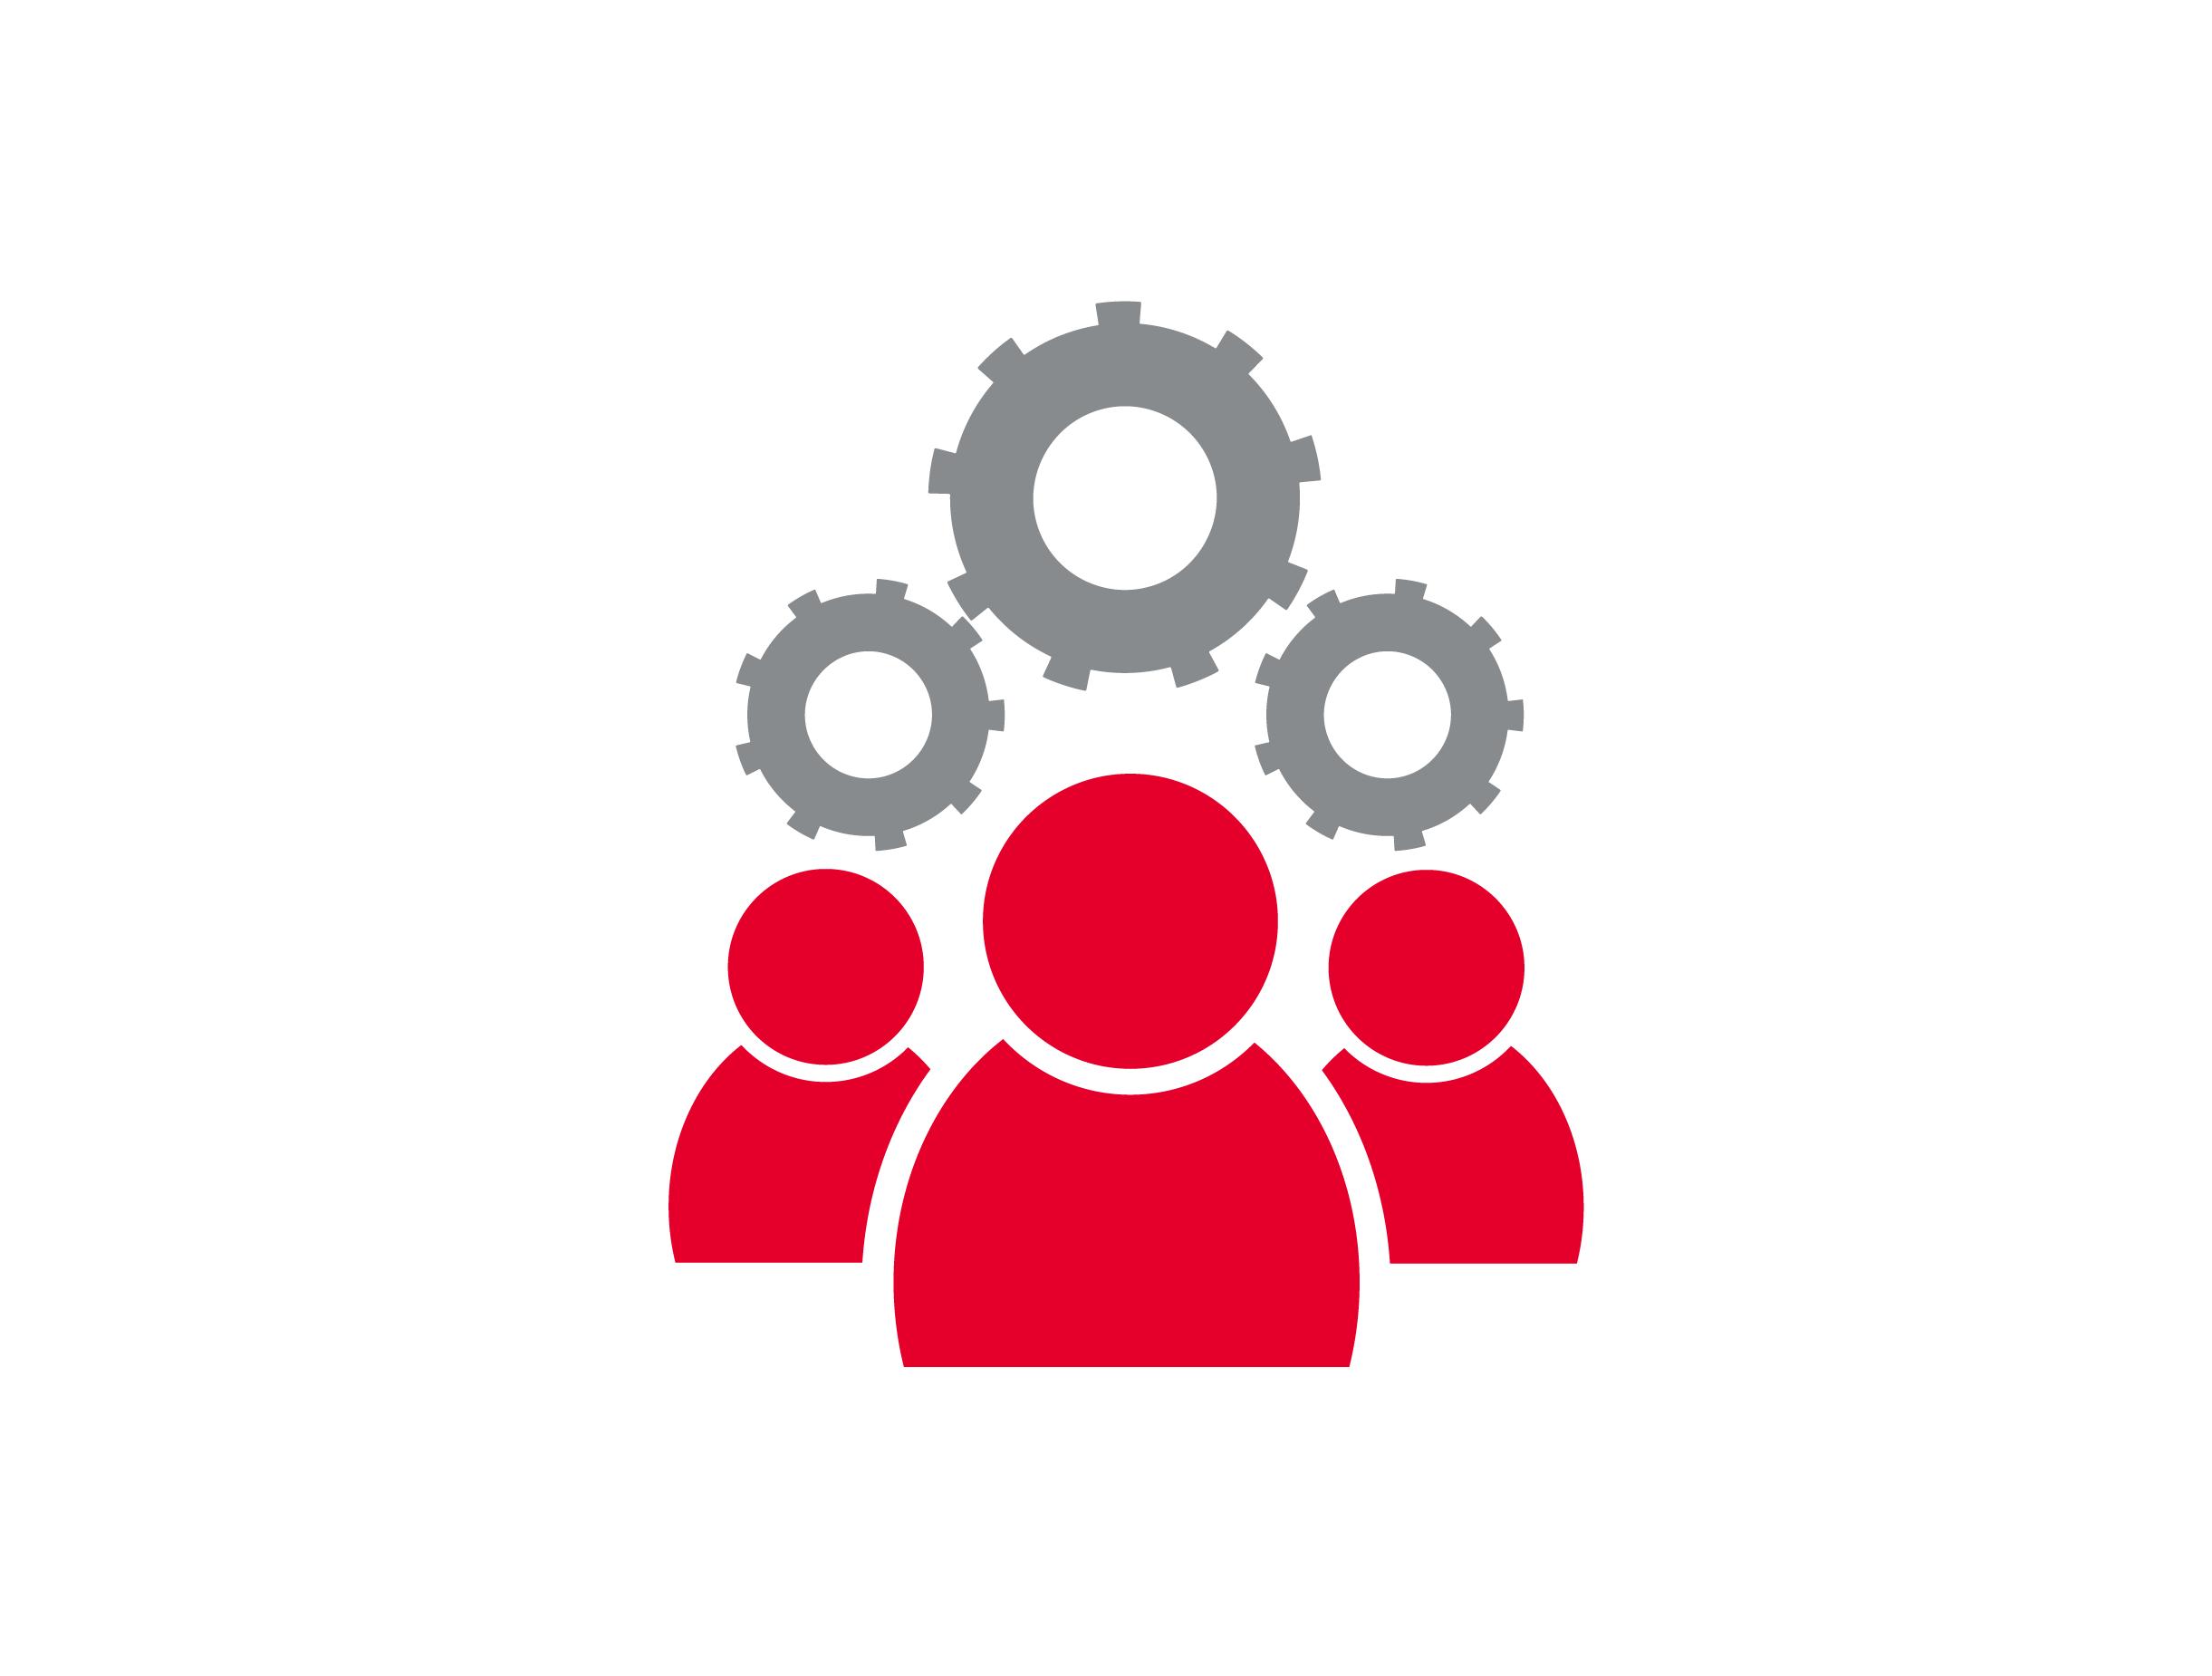 Digicel clipart data plans image transparent stock Managed Services image transparent stock